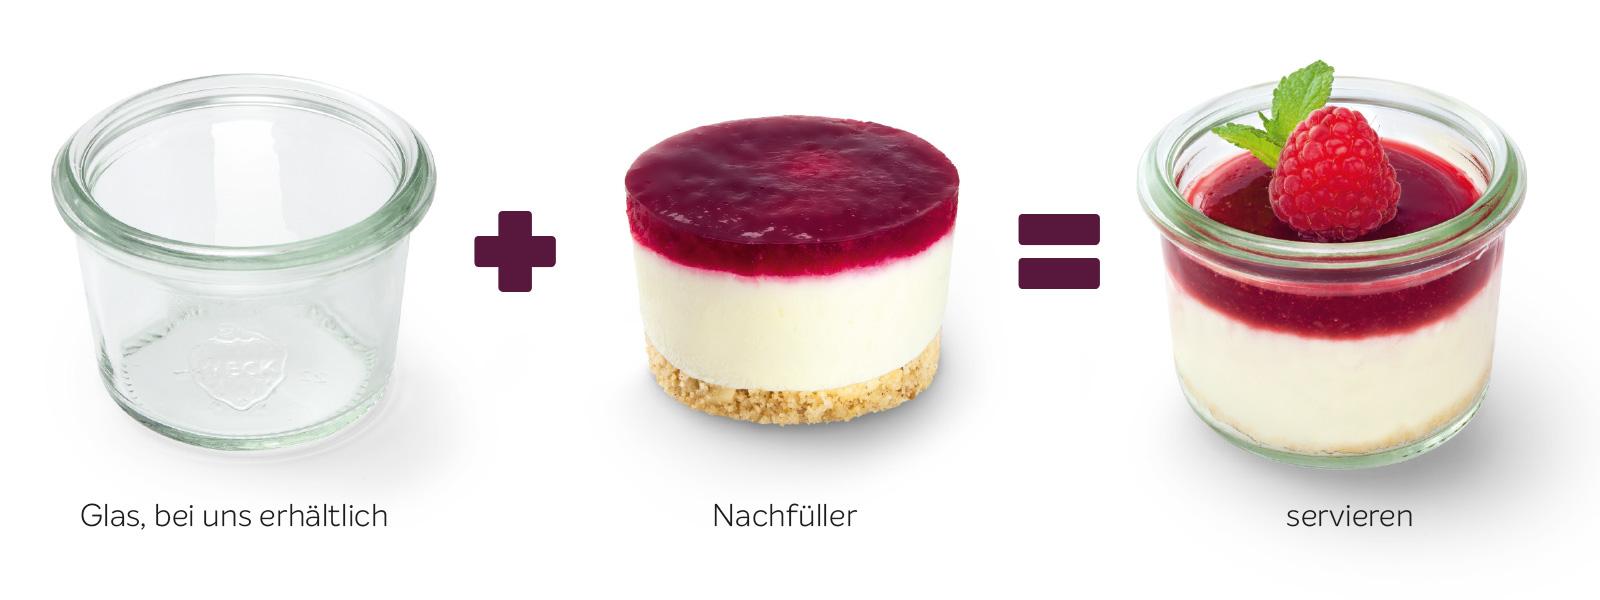 Heiss & Süß - Weck Erklärung